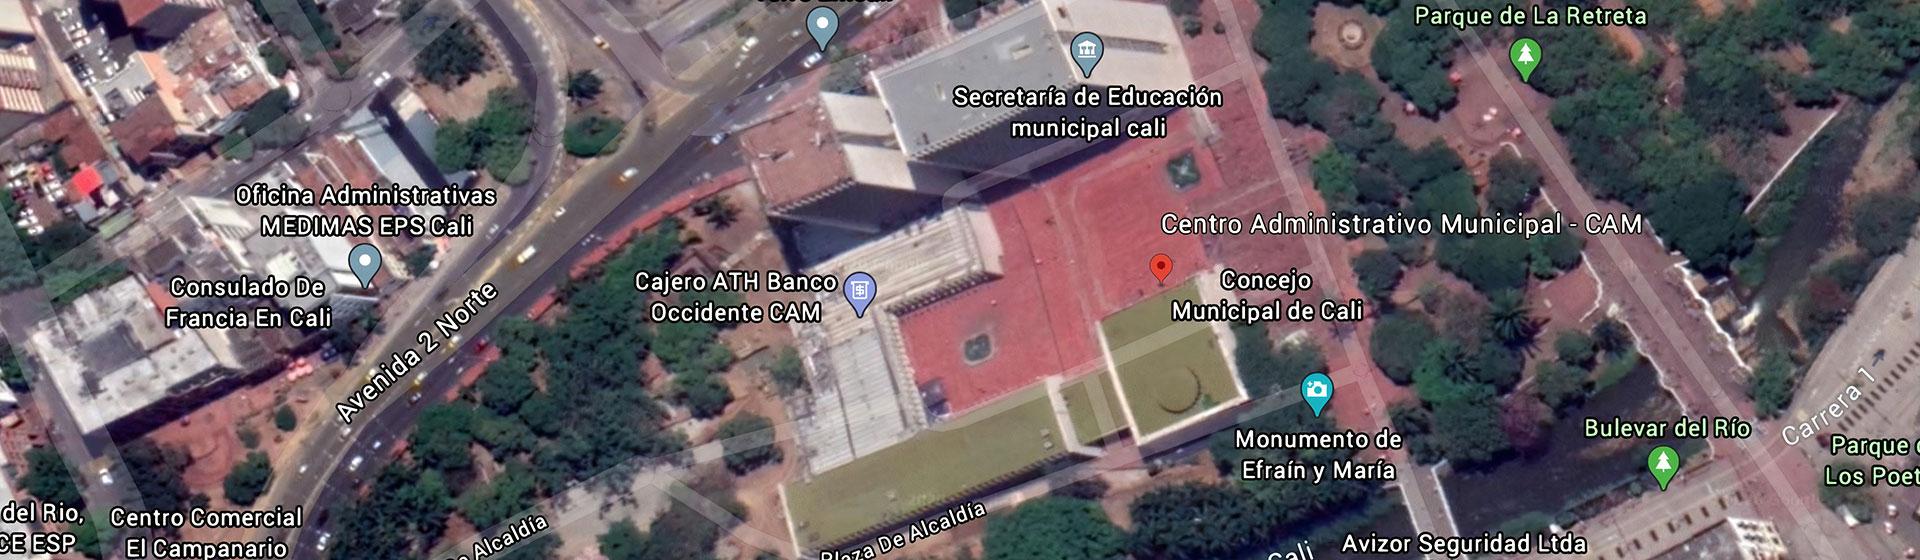 Imagen de GoogleMaps del CAM en Cali